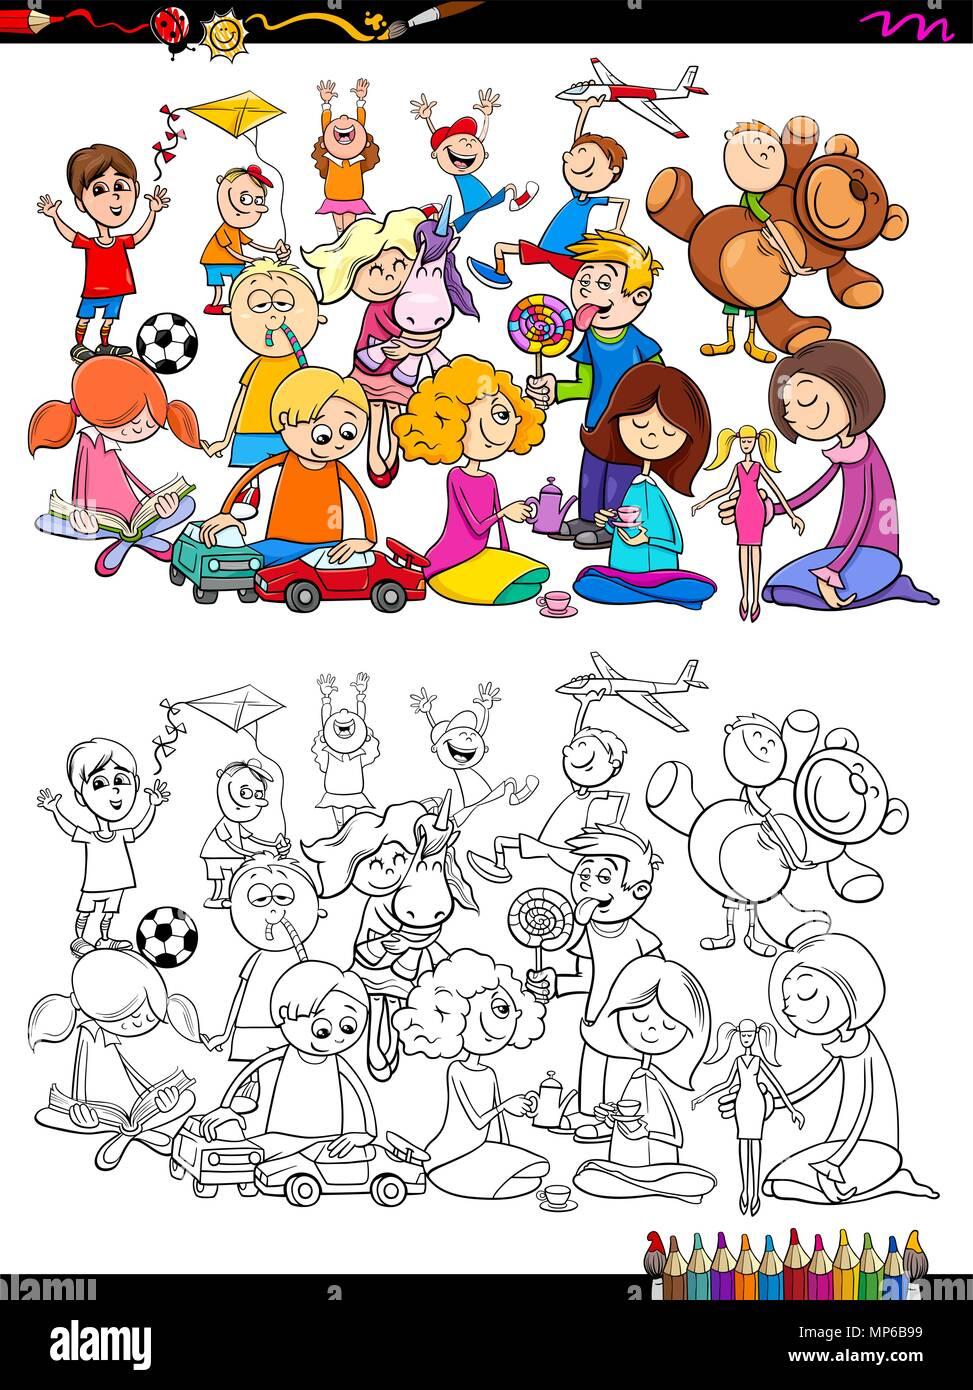 Cartoon Illustrazione Di Ragazze E Ragazzi Bambini Gruppo Di